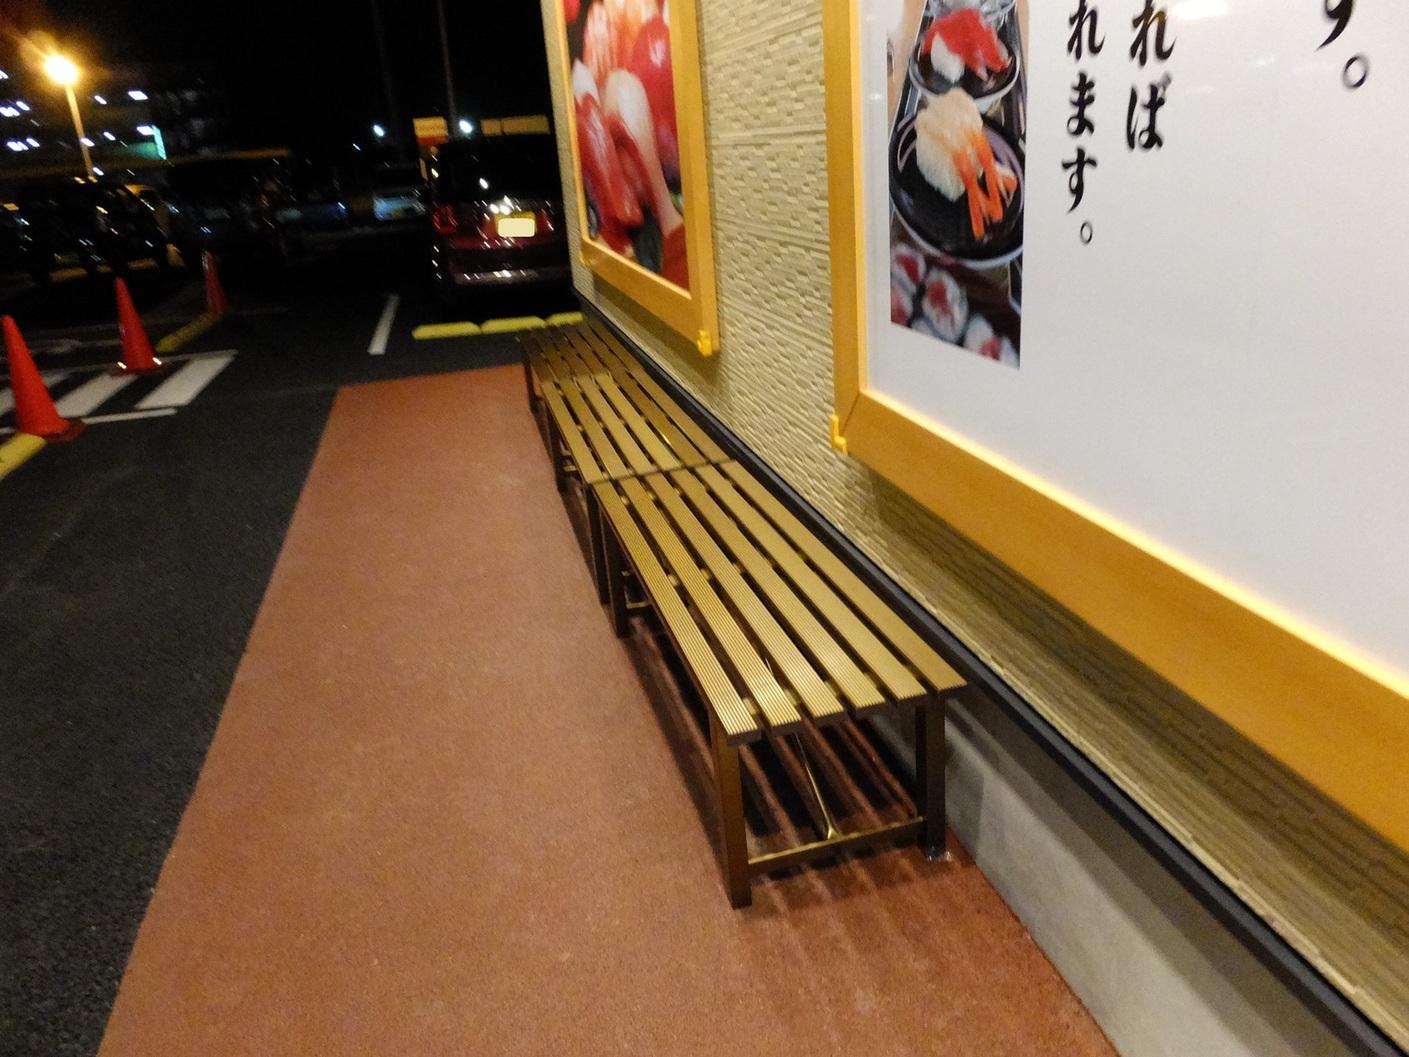 はま寿司 松阪三雲店